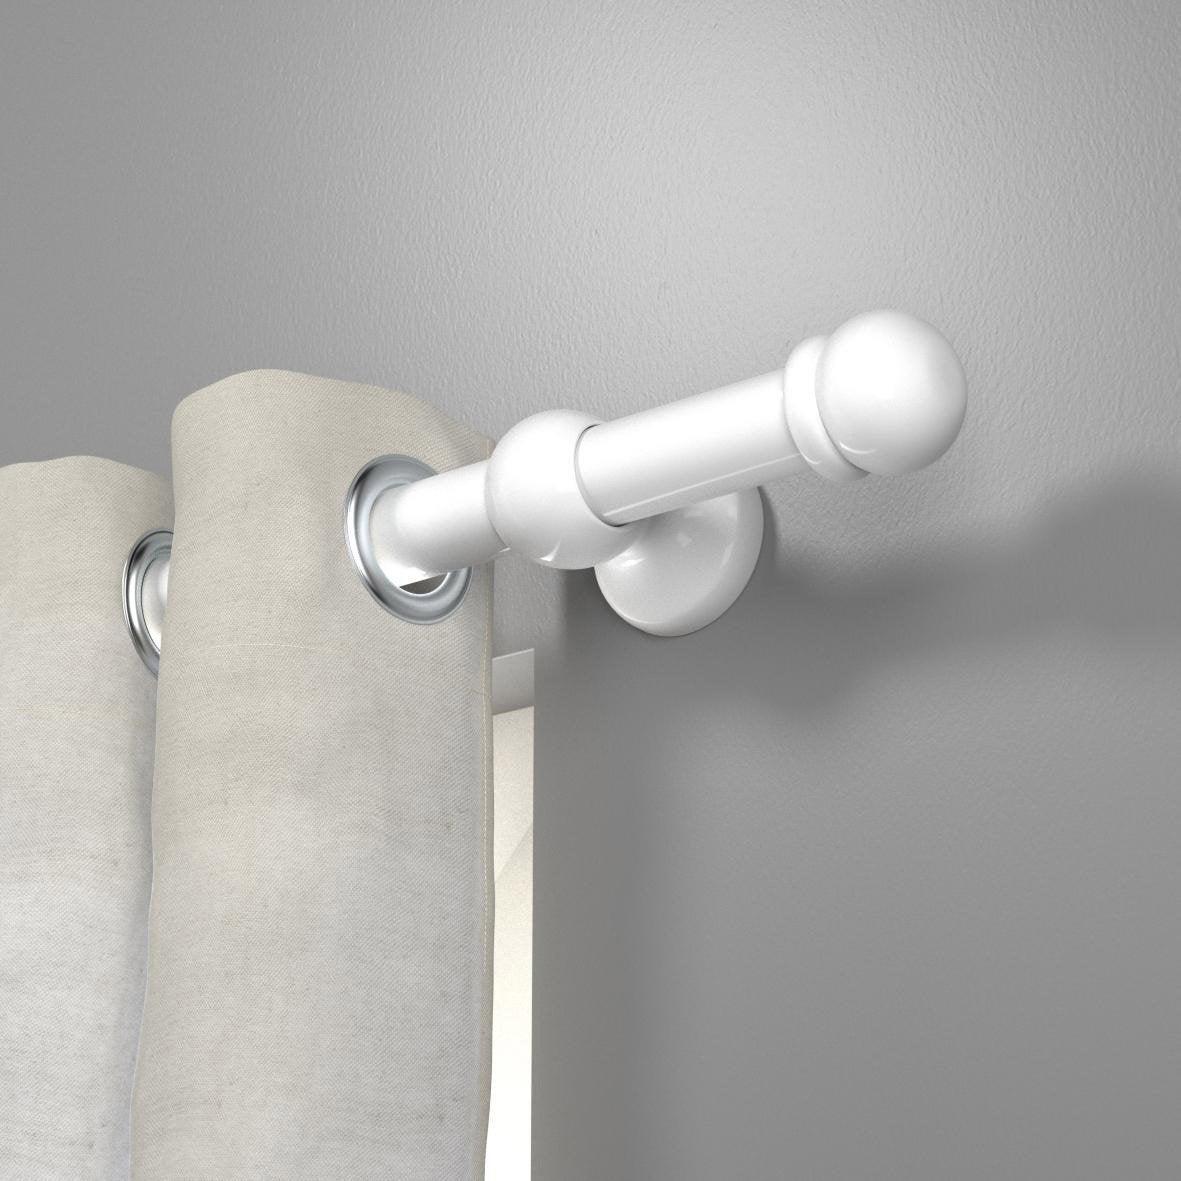 Lance rideaux tringle rideau 28 mm bois blanc inspire leroy merlin - Leroy merlin tringle rideau ...